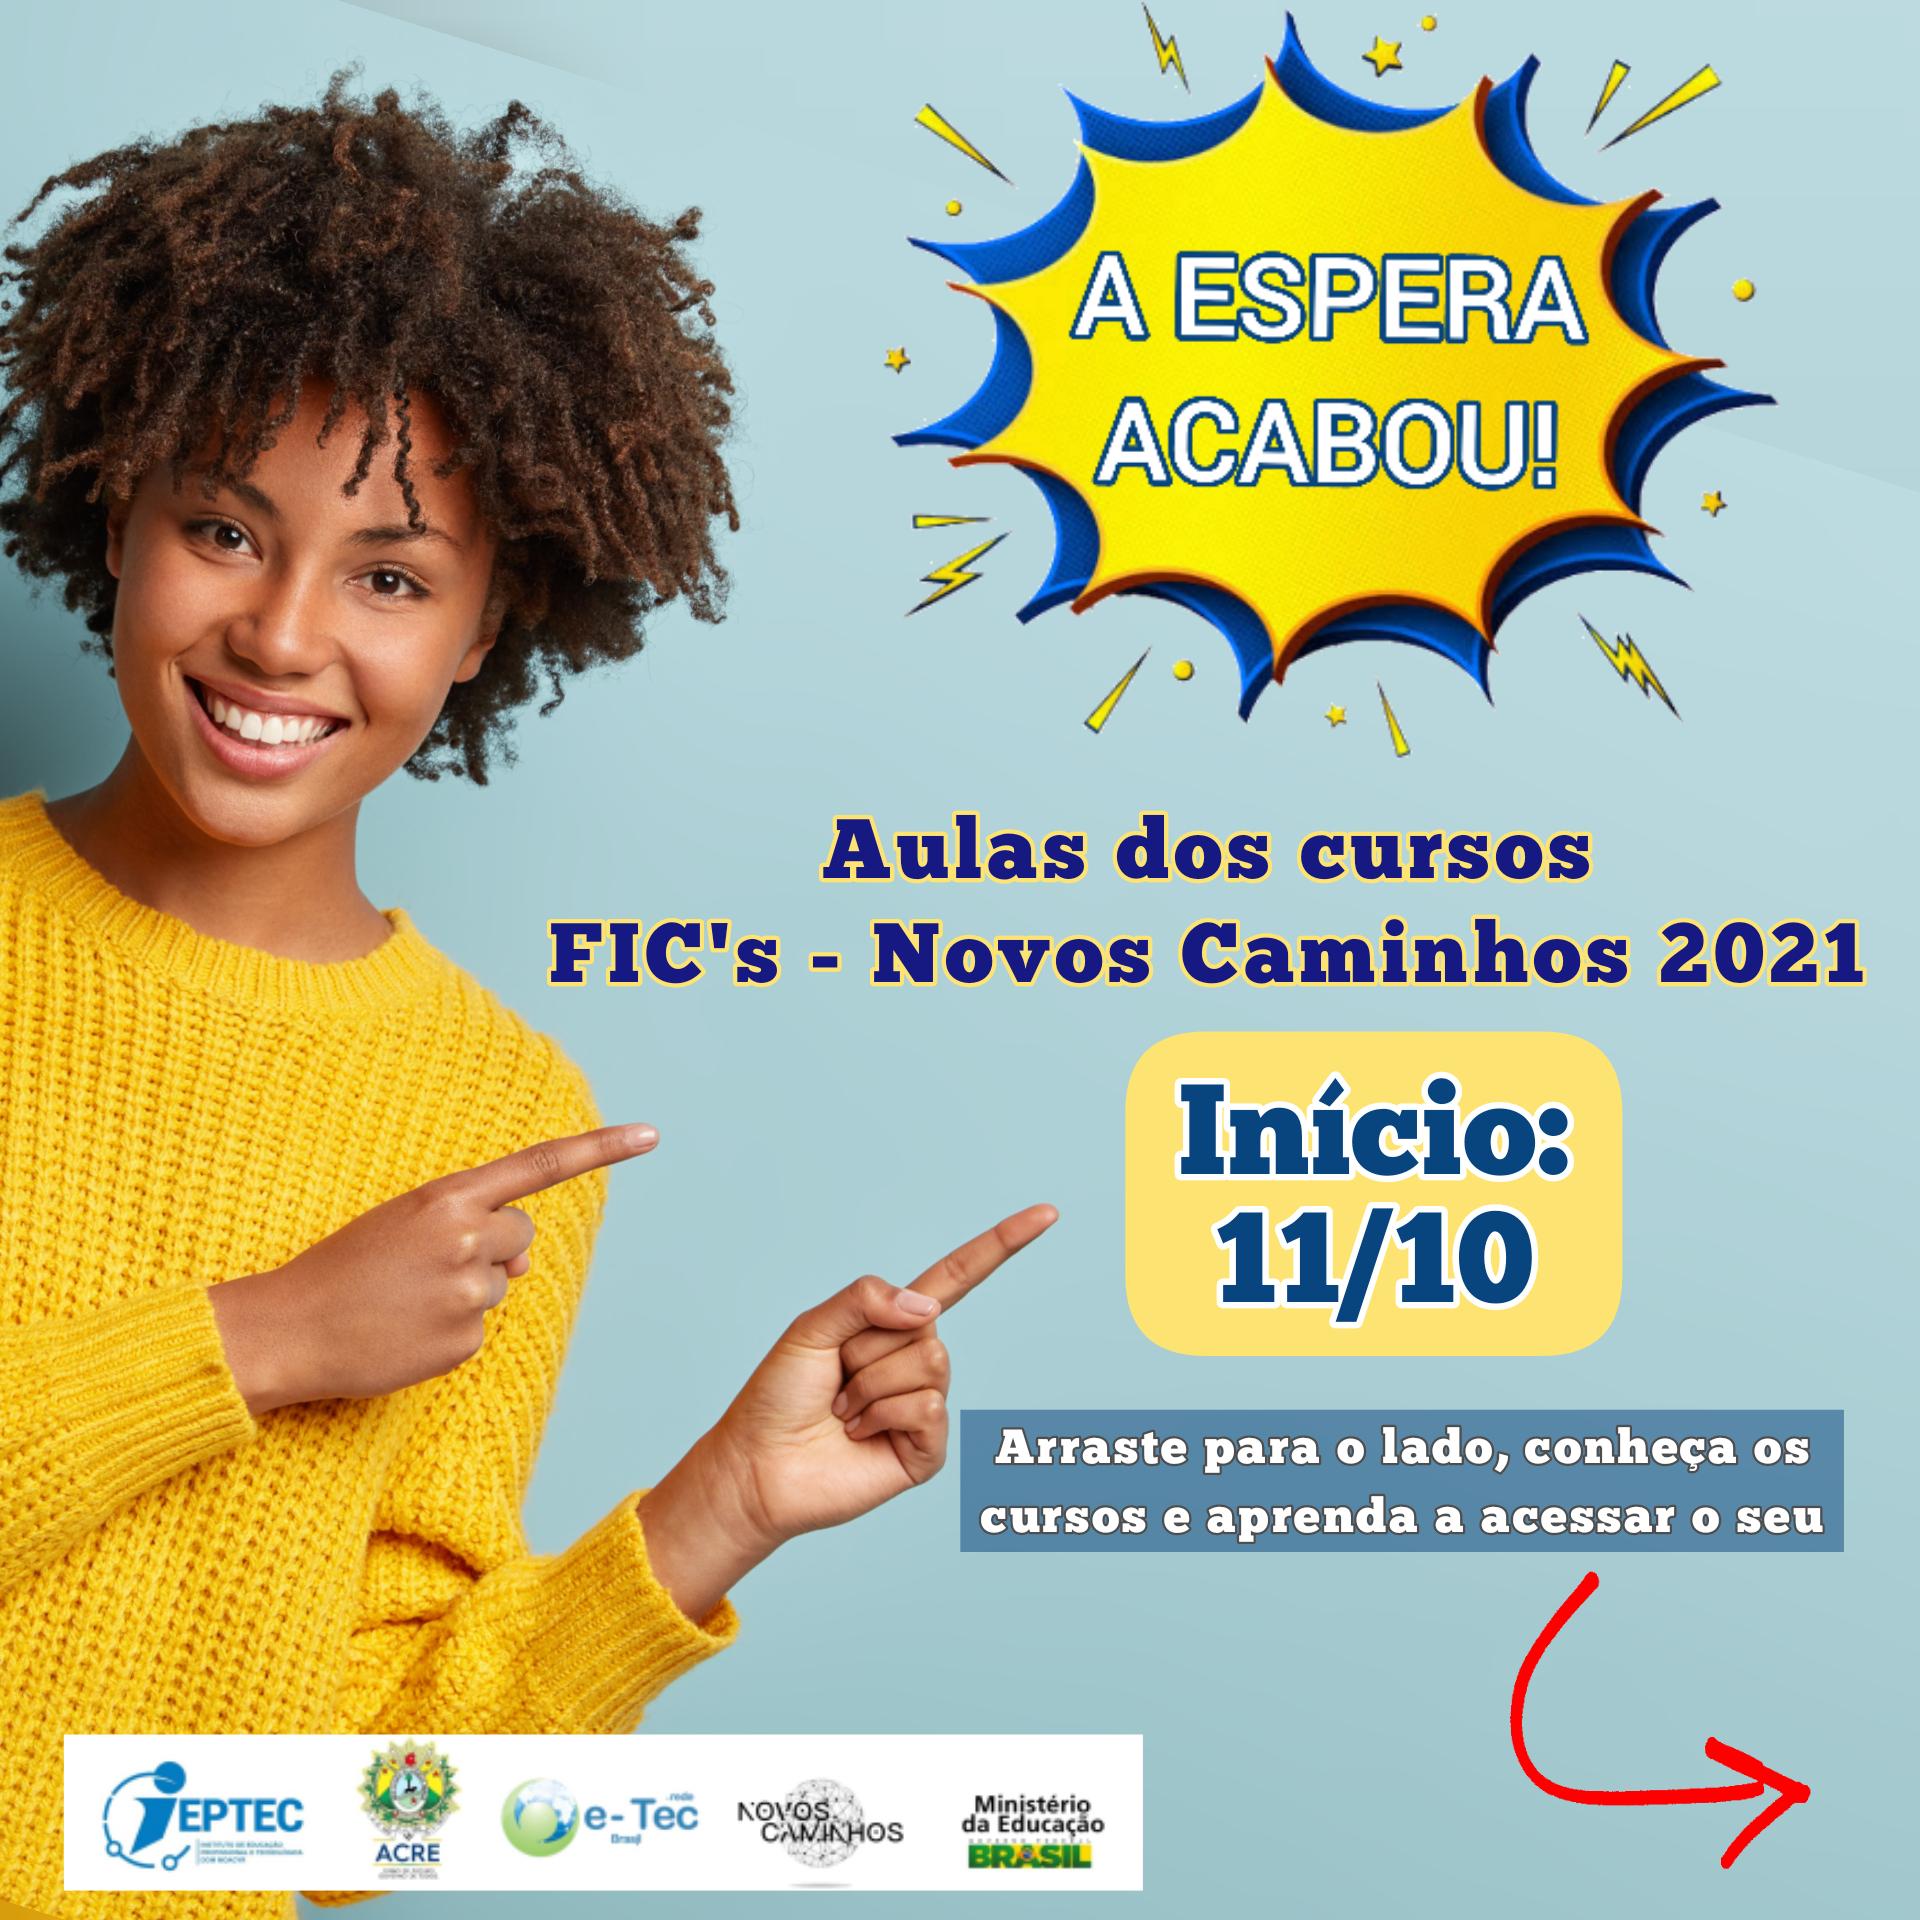 INICIO CURSOS FICS 2021